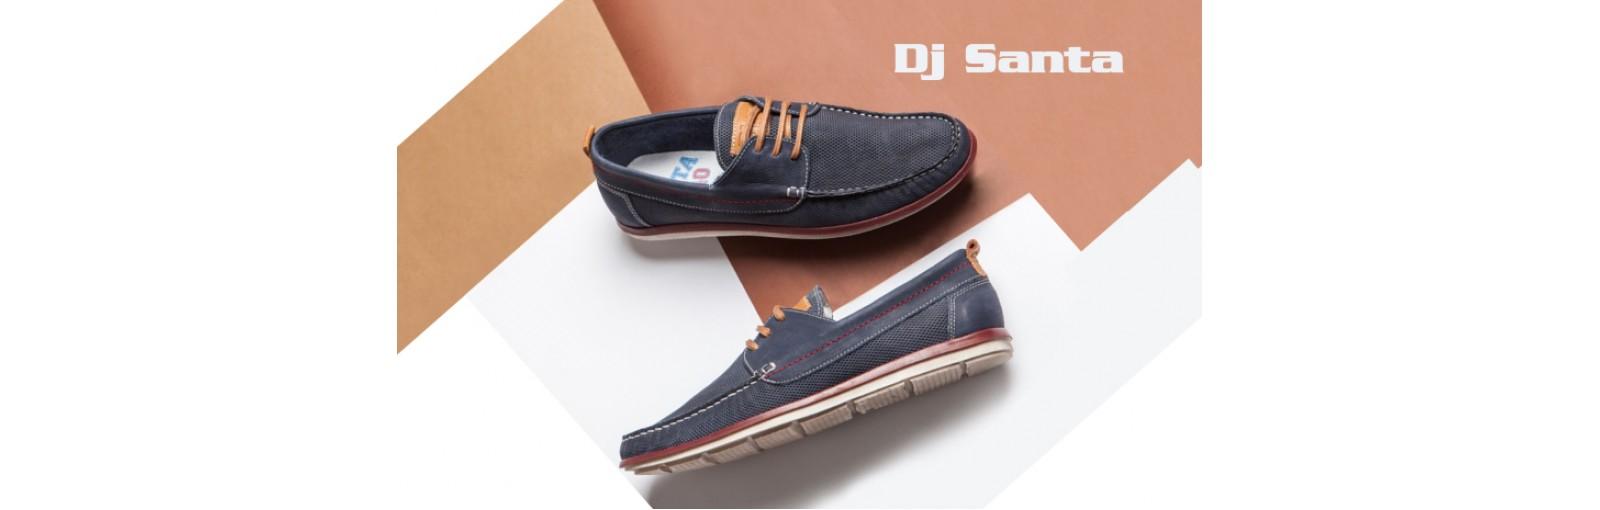 Взуття Dj Santa